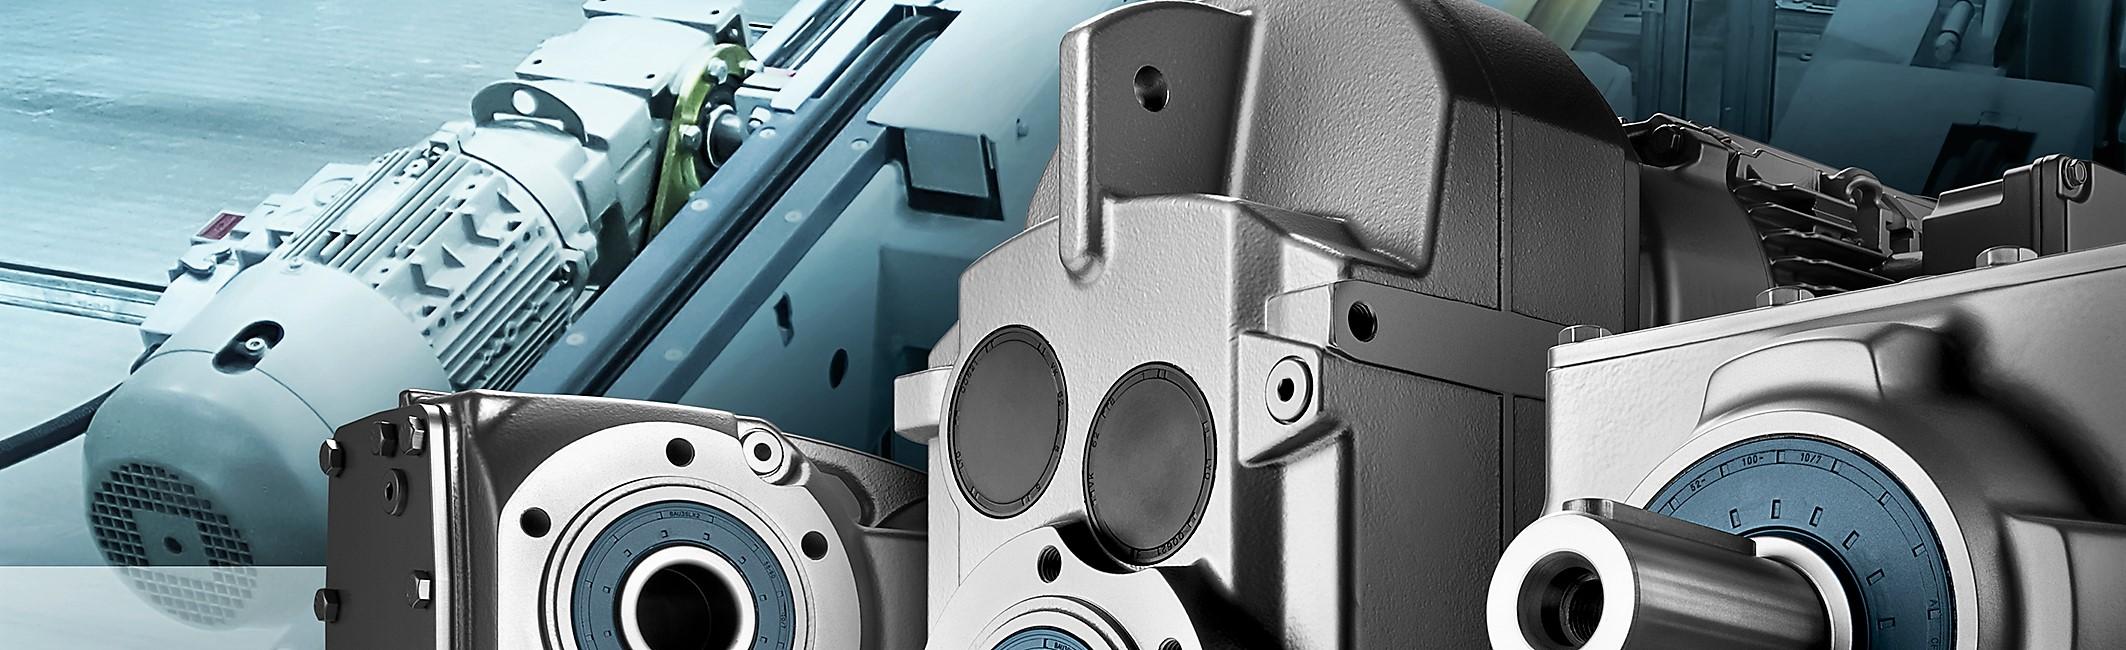 Поставки промышленного оборудования, электротехники и кабельной продукции